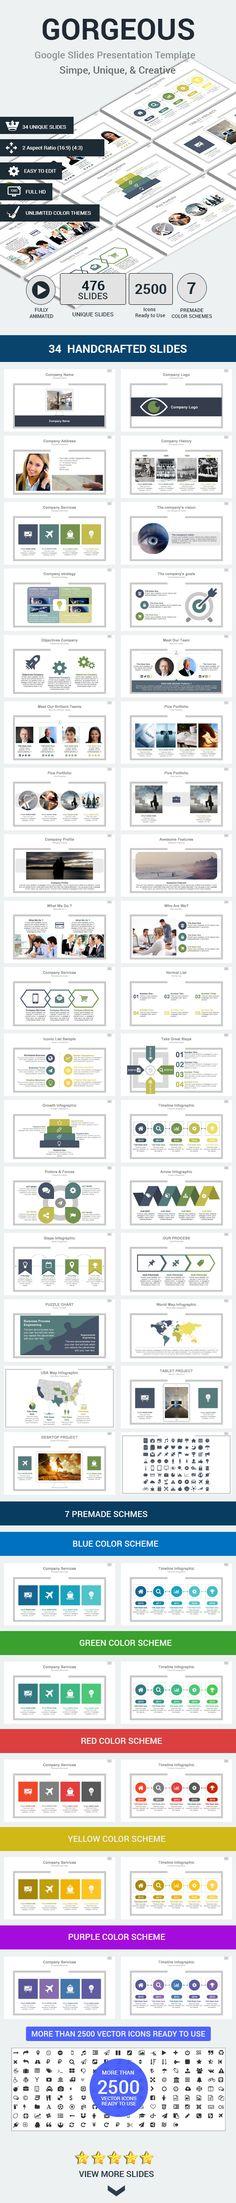 Google Slides Presentation Template #design Download: http://graphicriver.net/item/google-slides-presentation-template/13735628?ref=ksioks